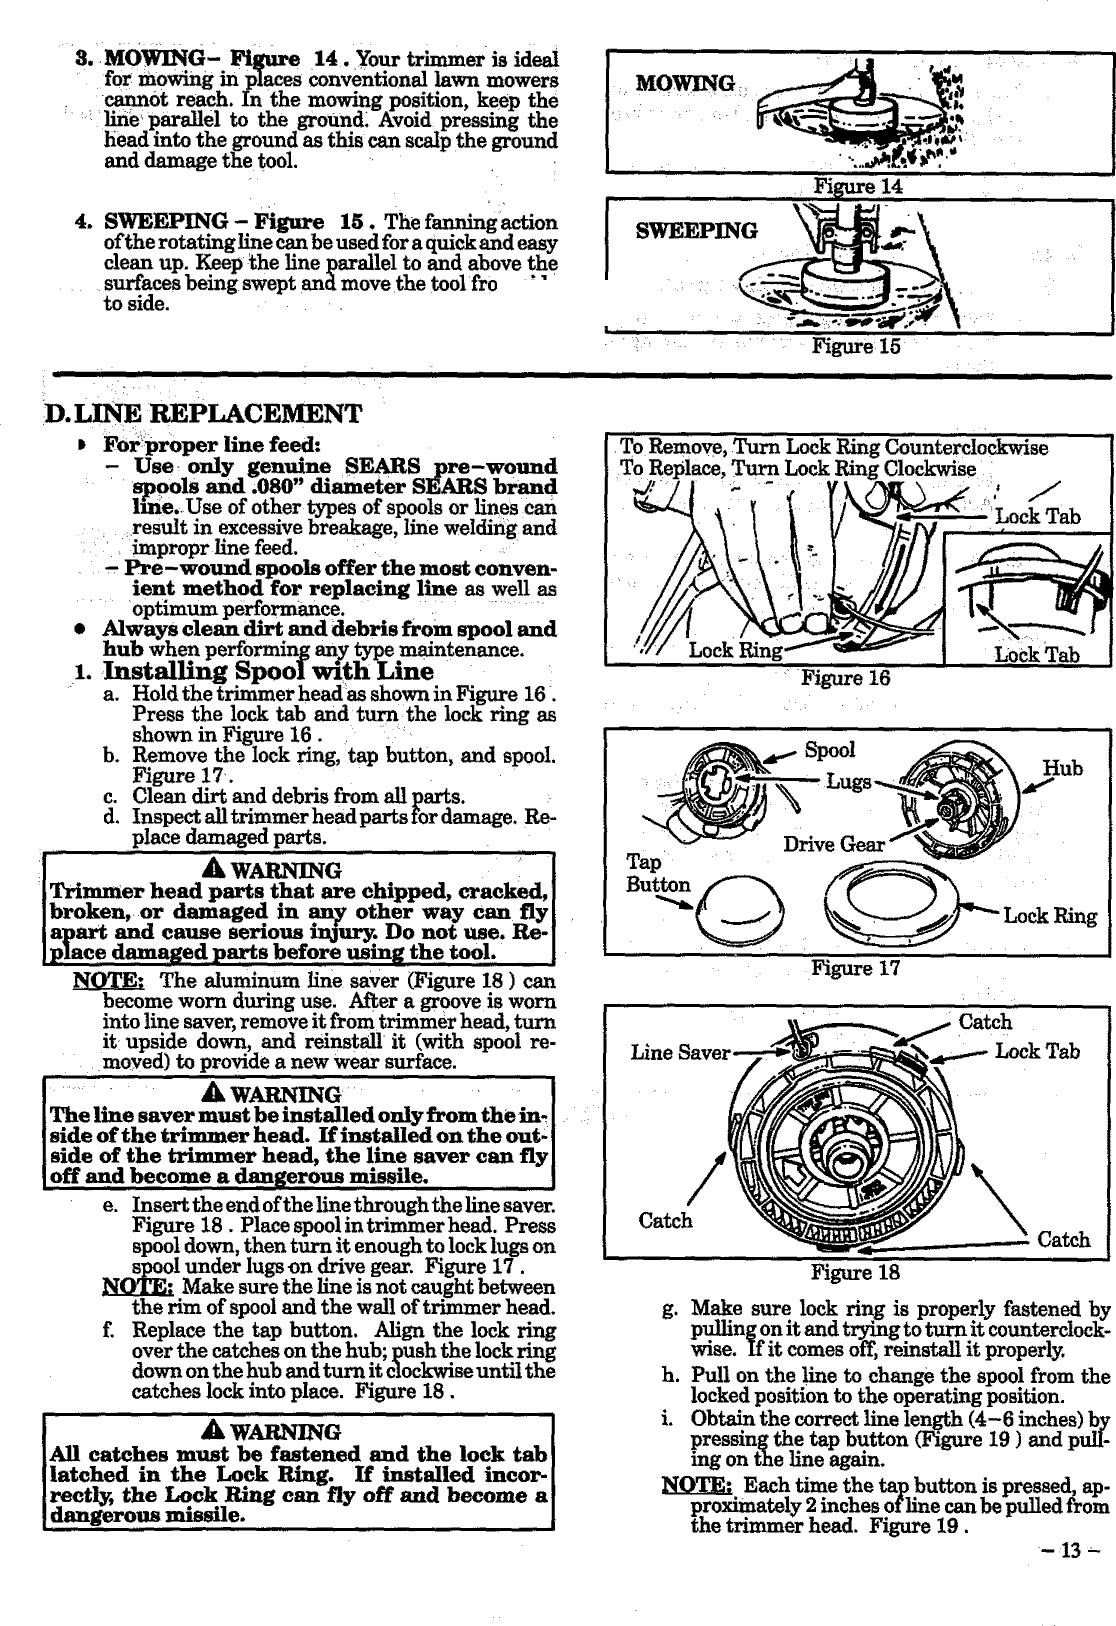 Craftsman 358799250 User Manual WEEDWACKER Manuals And